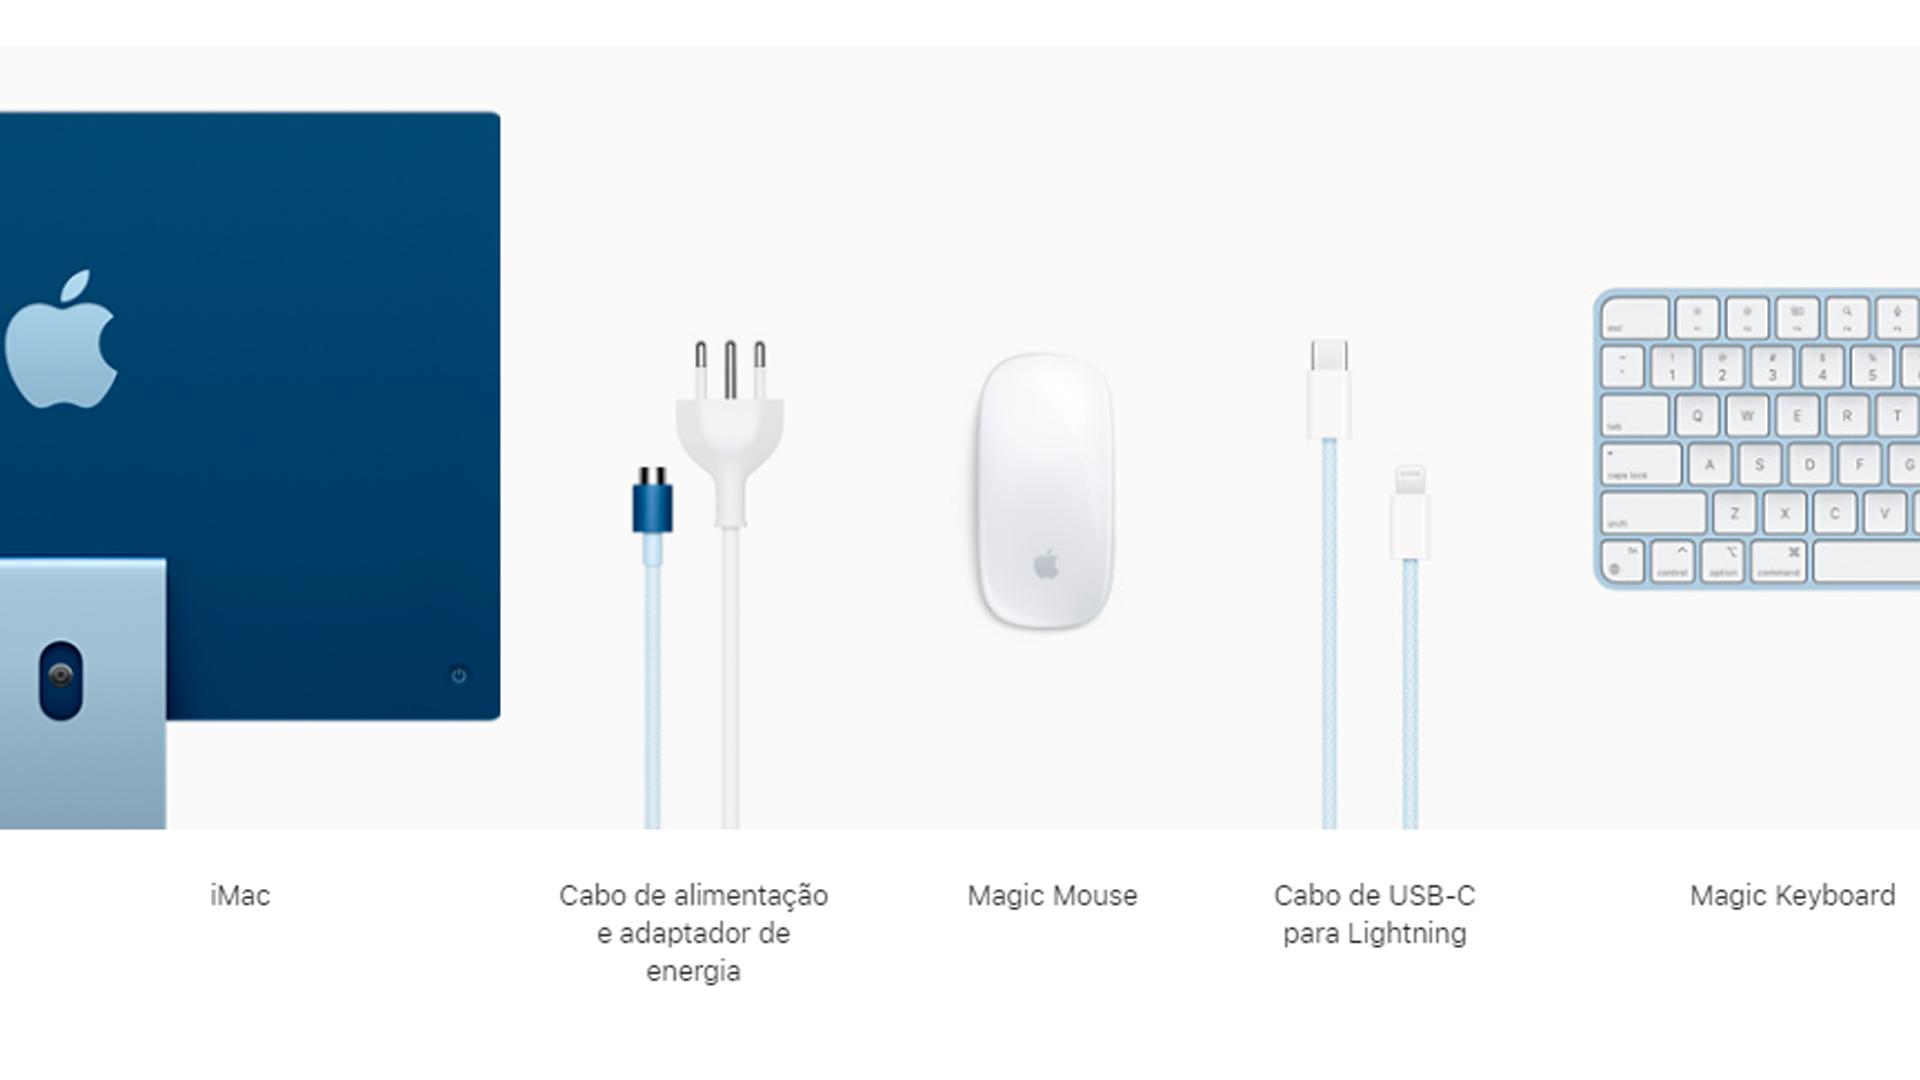 O preço do novo iMac pode assustar consumidores desavisados (Foto: Reprodução/Apple)